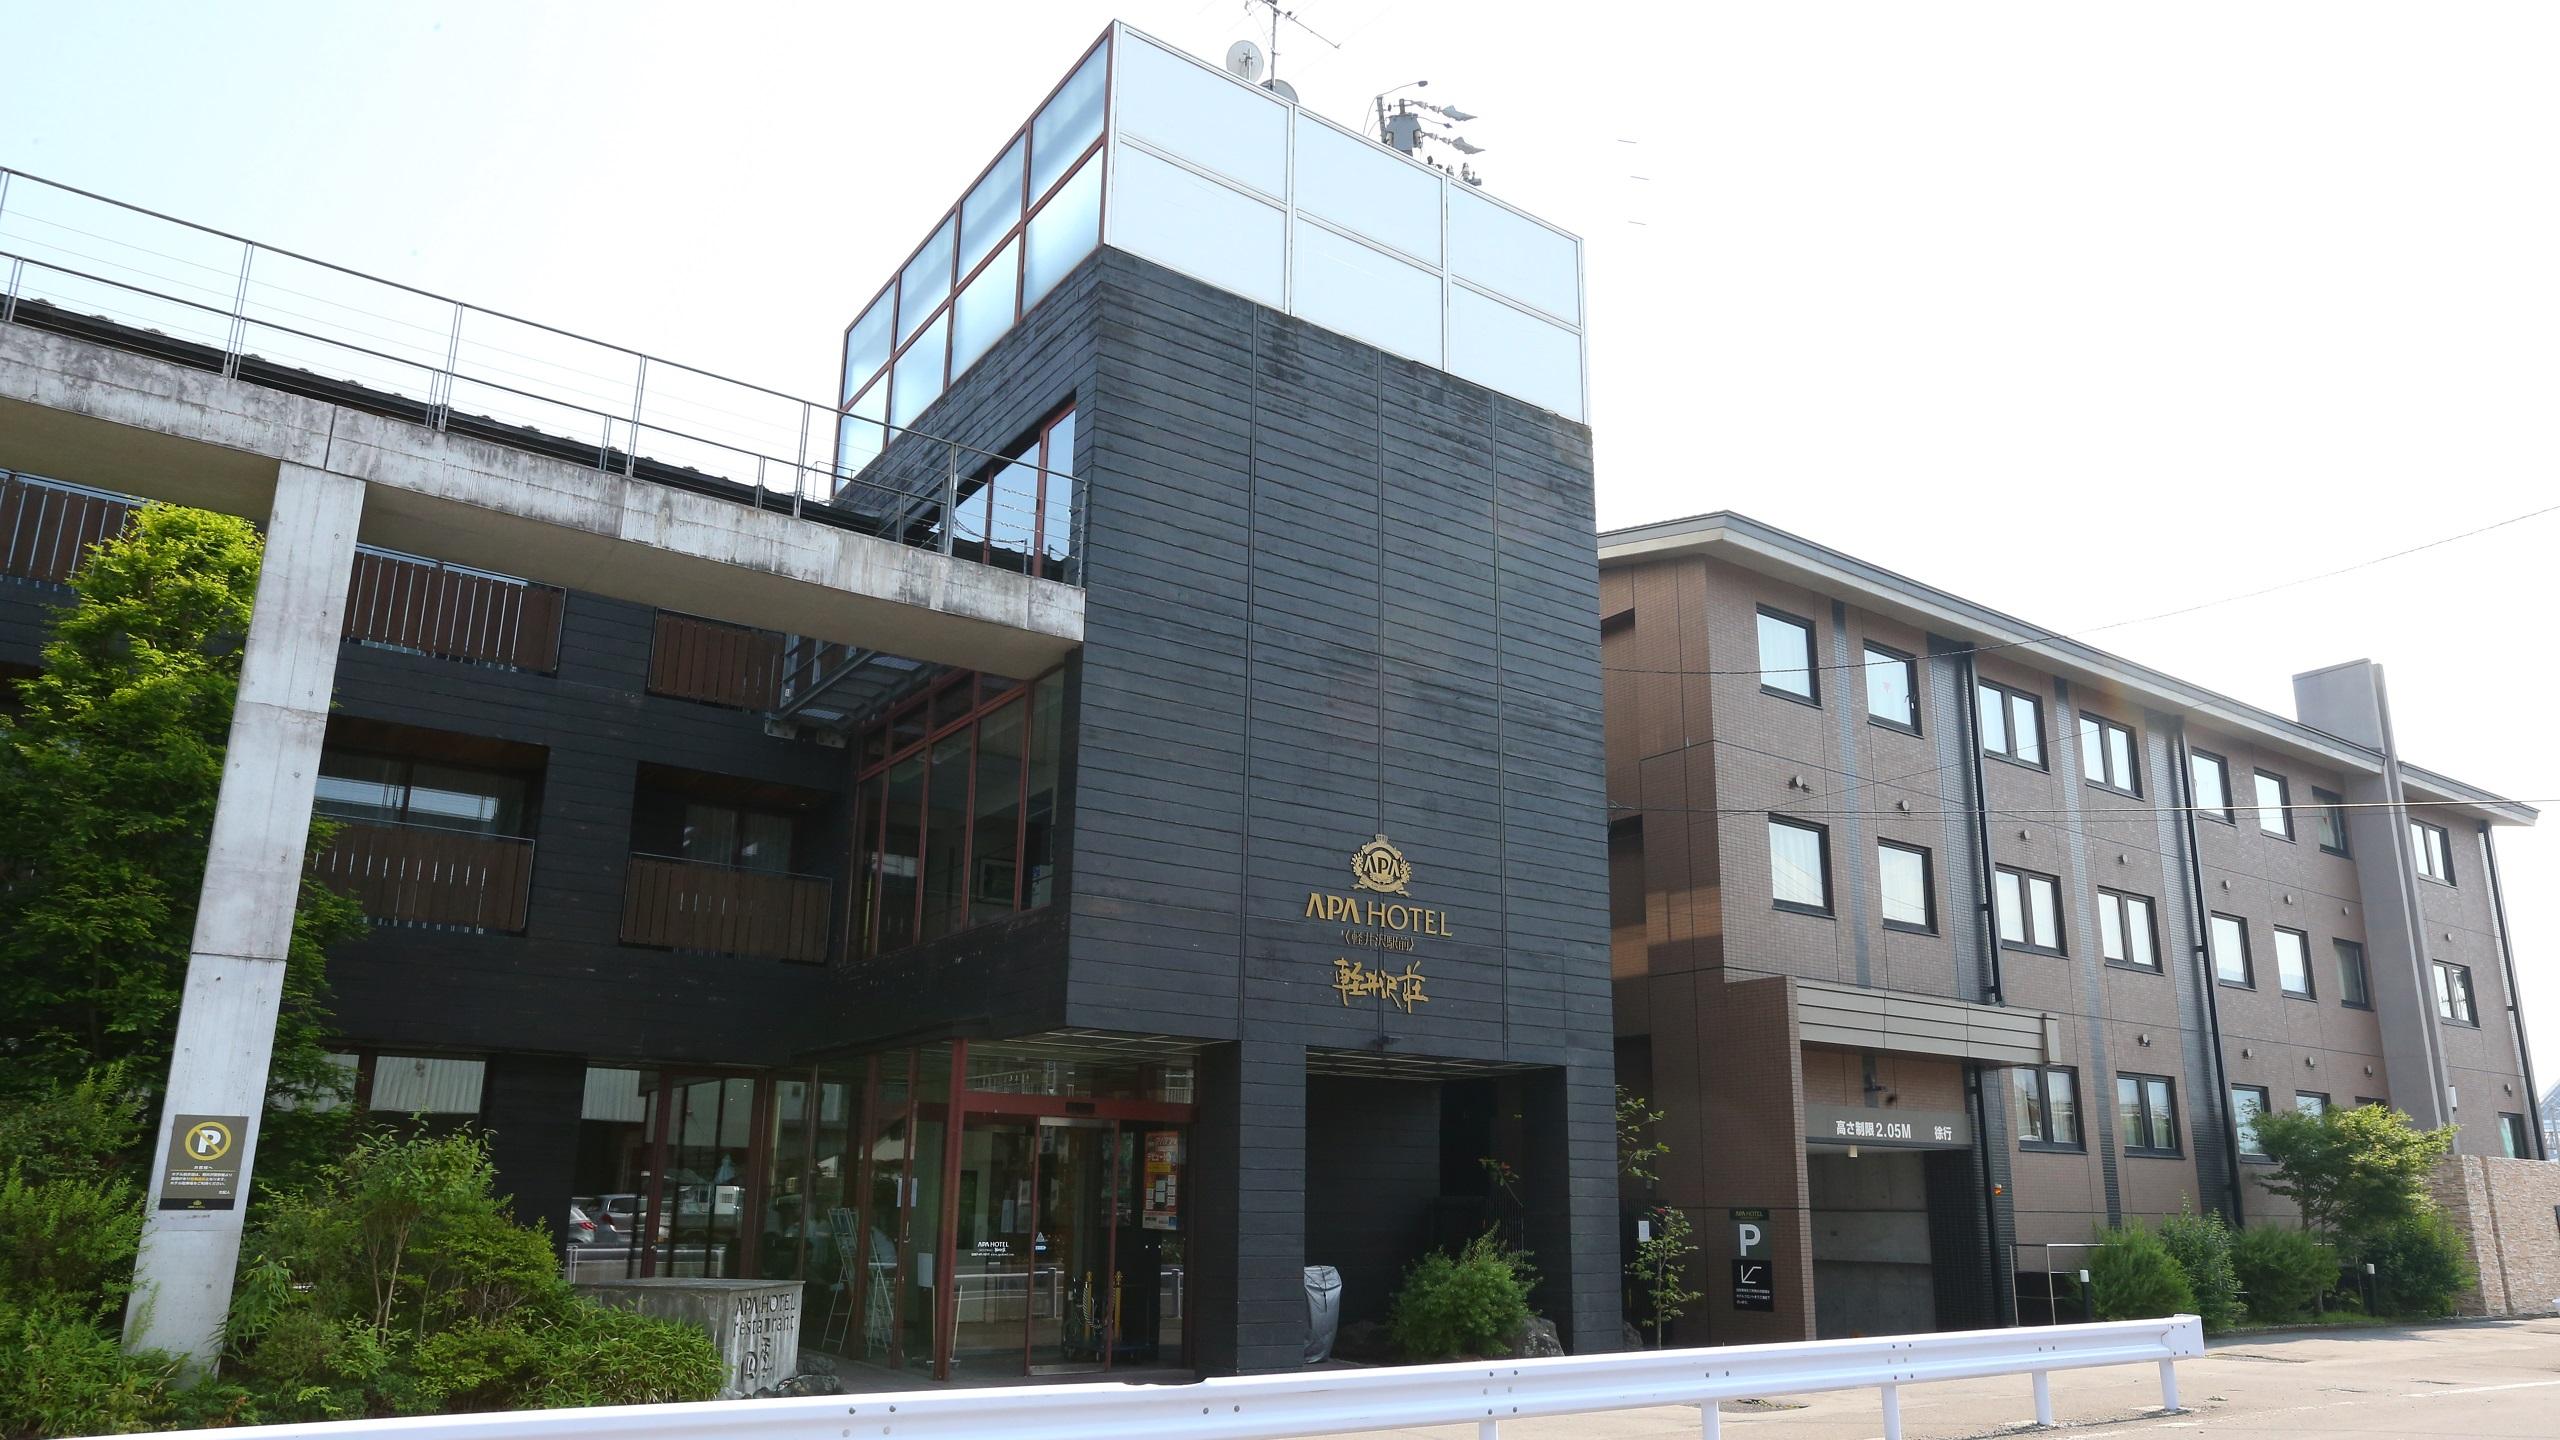 自転車での軽井沢観光に便利なホテルを教えてください。